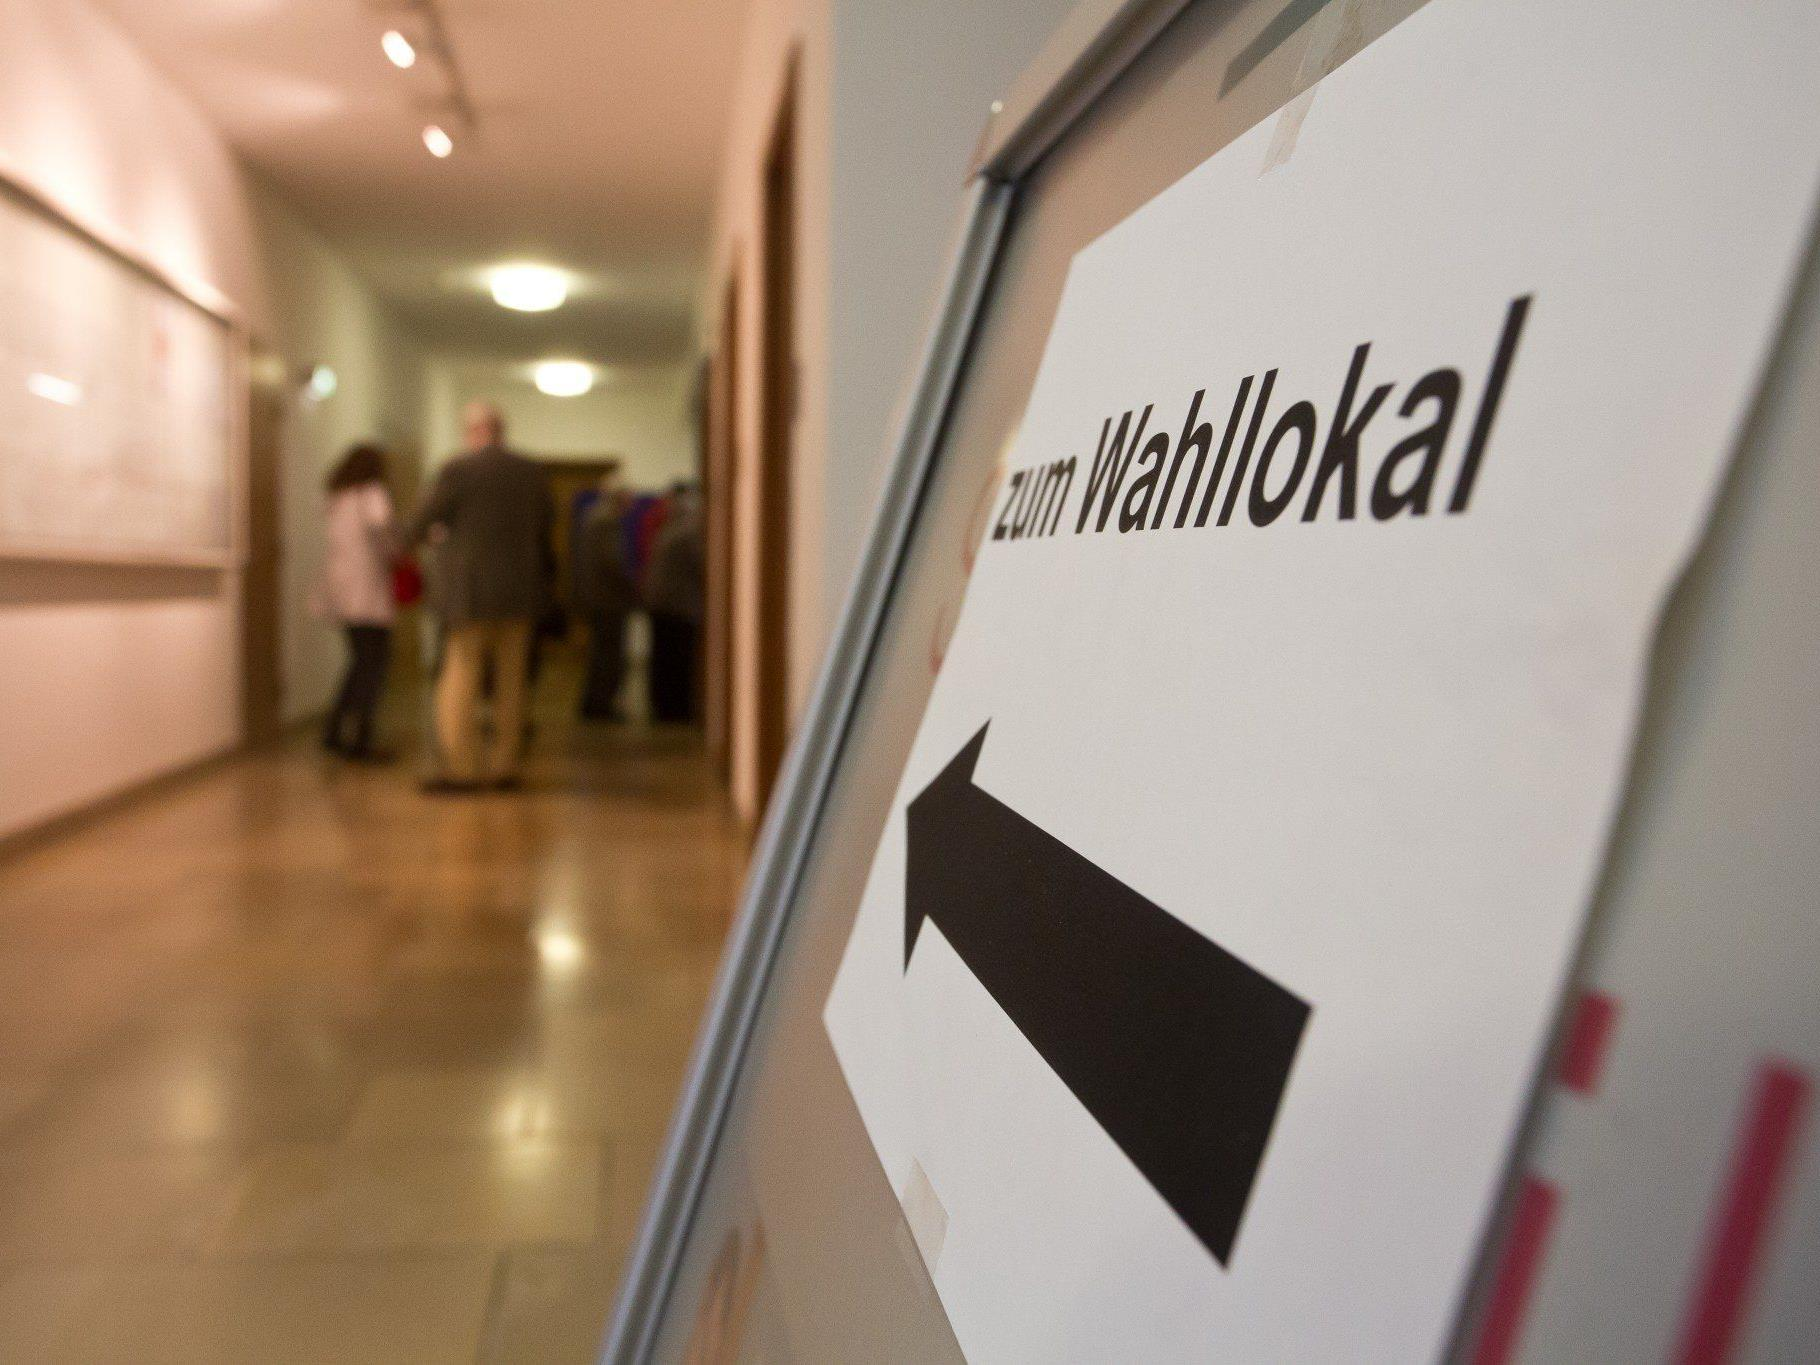 Historische Tiefstände für ÖVP und SPÖ - NEOS erreichte aus dem Stand über 13 Prozent